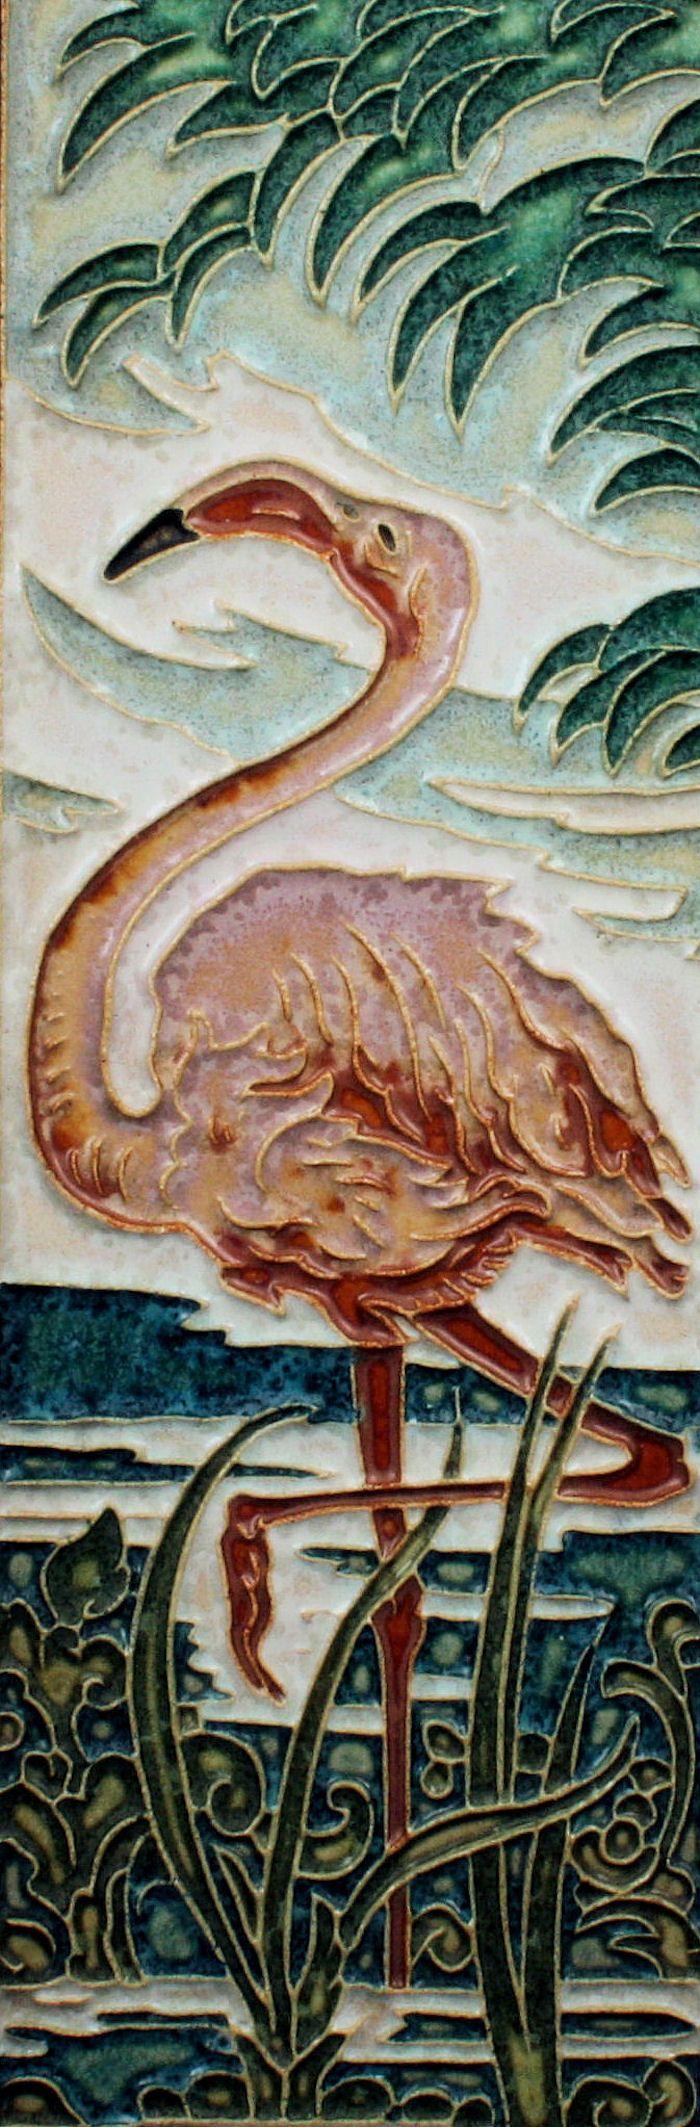 Porceleyne Fles flamingo